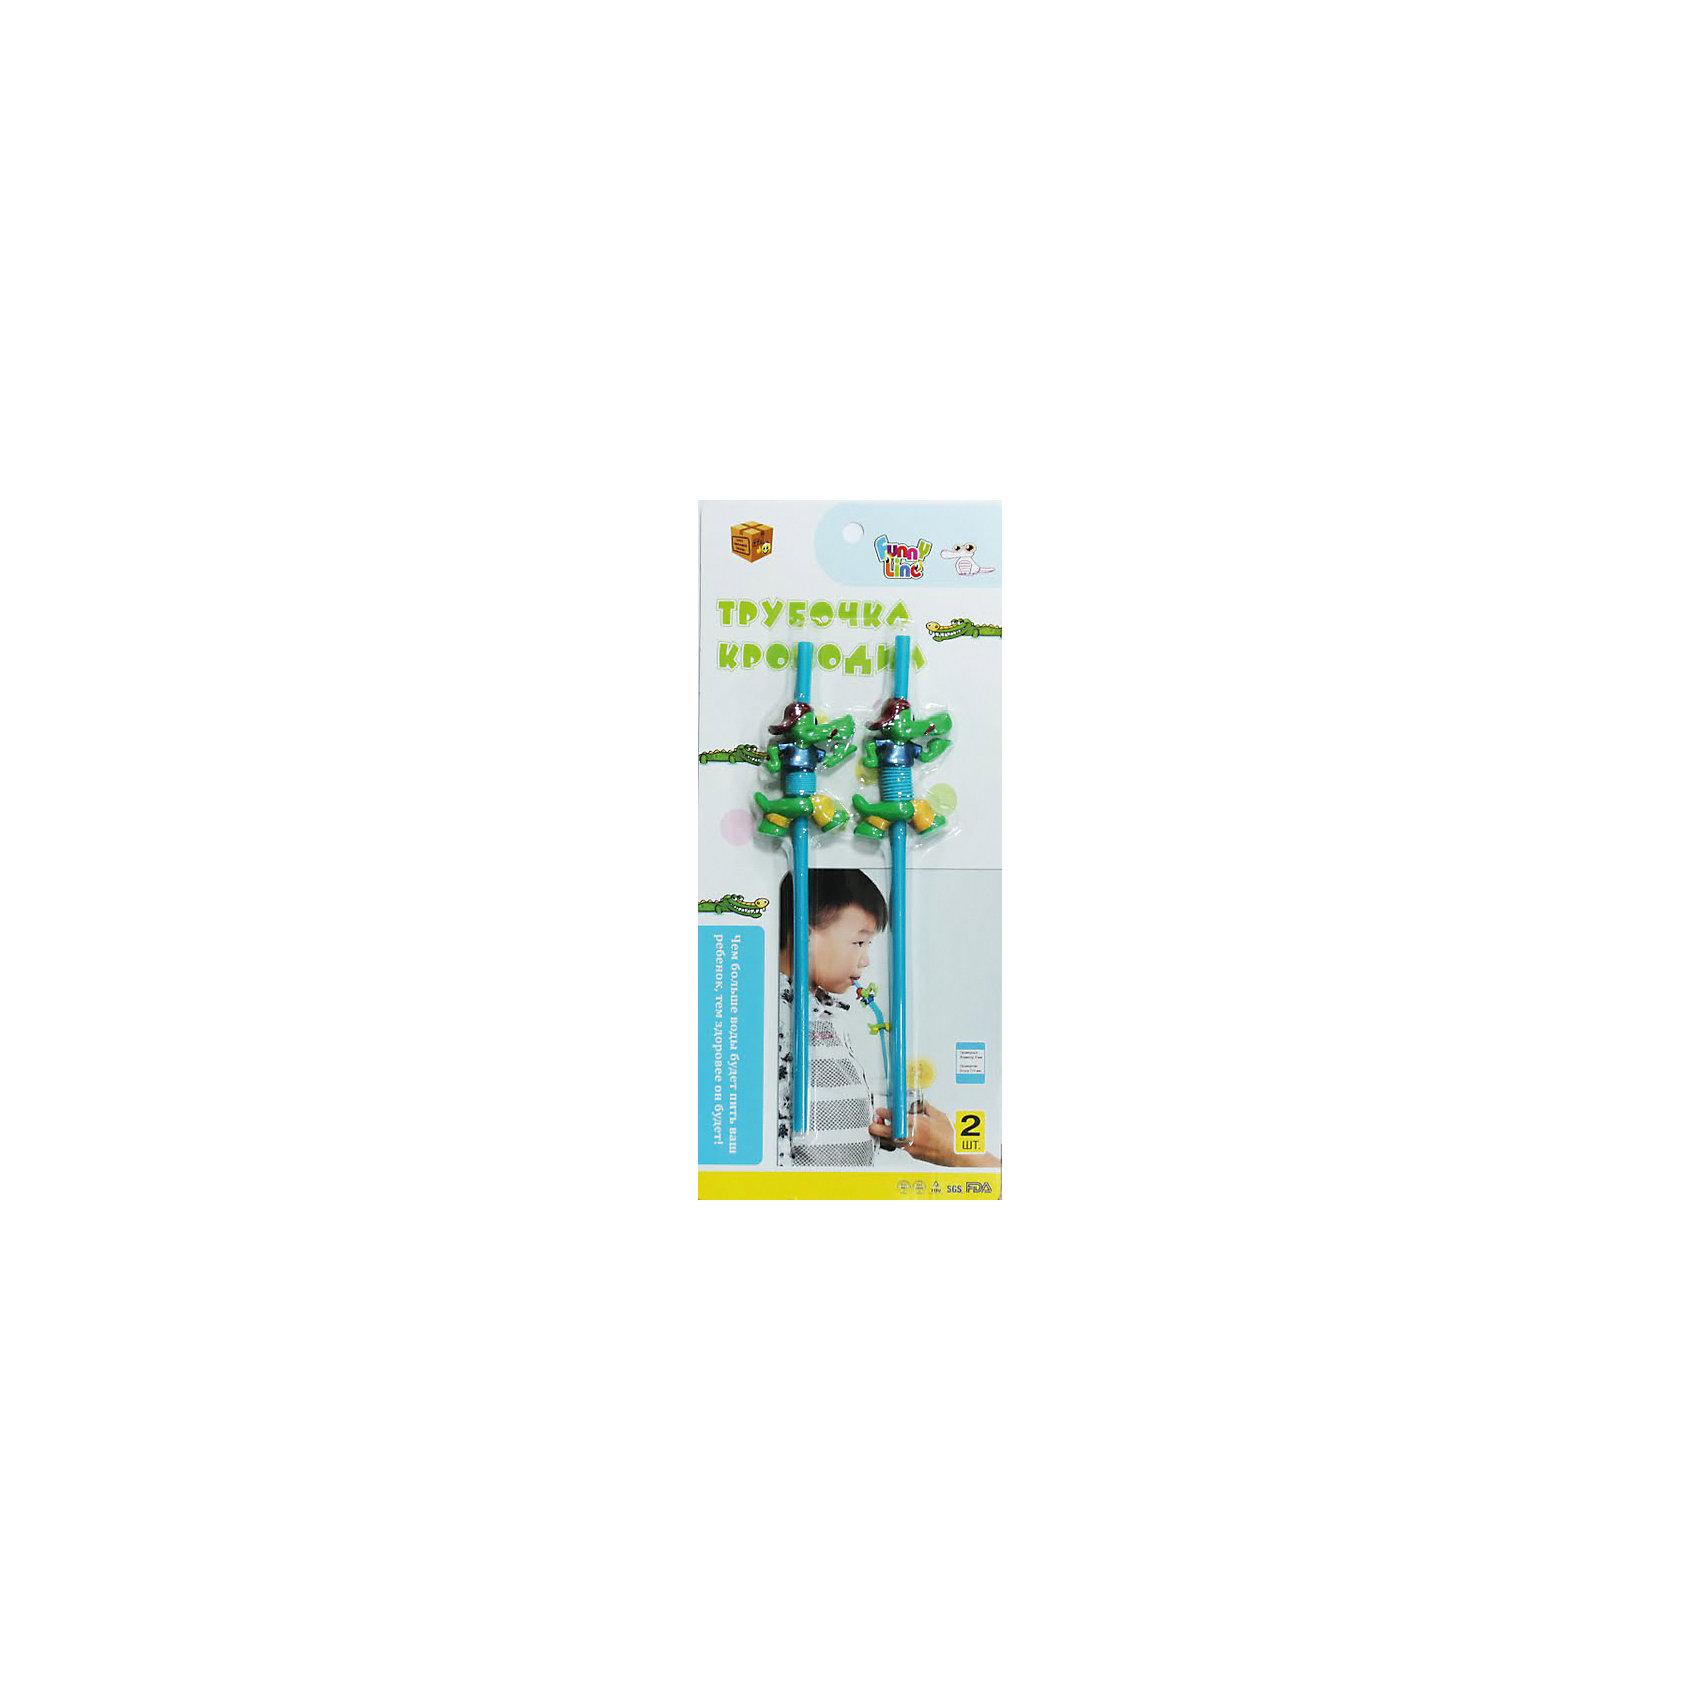 Трубочка Крокодил, 2шт., Funny LineВсё для праздника<br>Характеристики:<br><br>• Предназначение: для напитков<br>• Материал: пластик<br>• Комплектация: 2 трубочки<br>• Размеры упаковки (Д*Ш*В): 2*15,5*34 см<br>• Вес в упаковке: 76 г<br>• Упаковка: блистер на картонной подложке<br><br>Трубочка для напитков изготовлена из мягкого, экологически безопасного пластика, не имеет запаха. Выполнена в оригинальной форме: на трубочке имеется фигурка крокодила, туловище которого вытягивается при расправлении изделия. Такие трубочки станут стильными аксессуарами для детского праздника или тематической вечеринки!<br><br>Трубочку Крокодил, 2шт., Funny Line можно купить в нашем интернет-магазине.<br><br>Ширина мм: 20<br>Глубина мм: 155<br>Высота мм: 340<br>Вес г: 76<br>Возраст от месяцев: 36<br>Возраст до месяцев: 2147483647<br>Пол: Унисекс<br>Возраст: Детский<br>SKU: 5557468